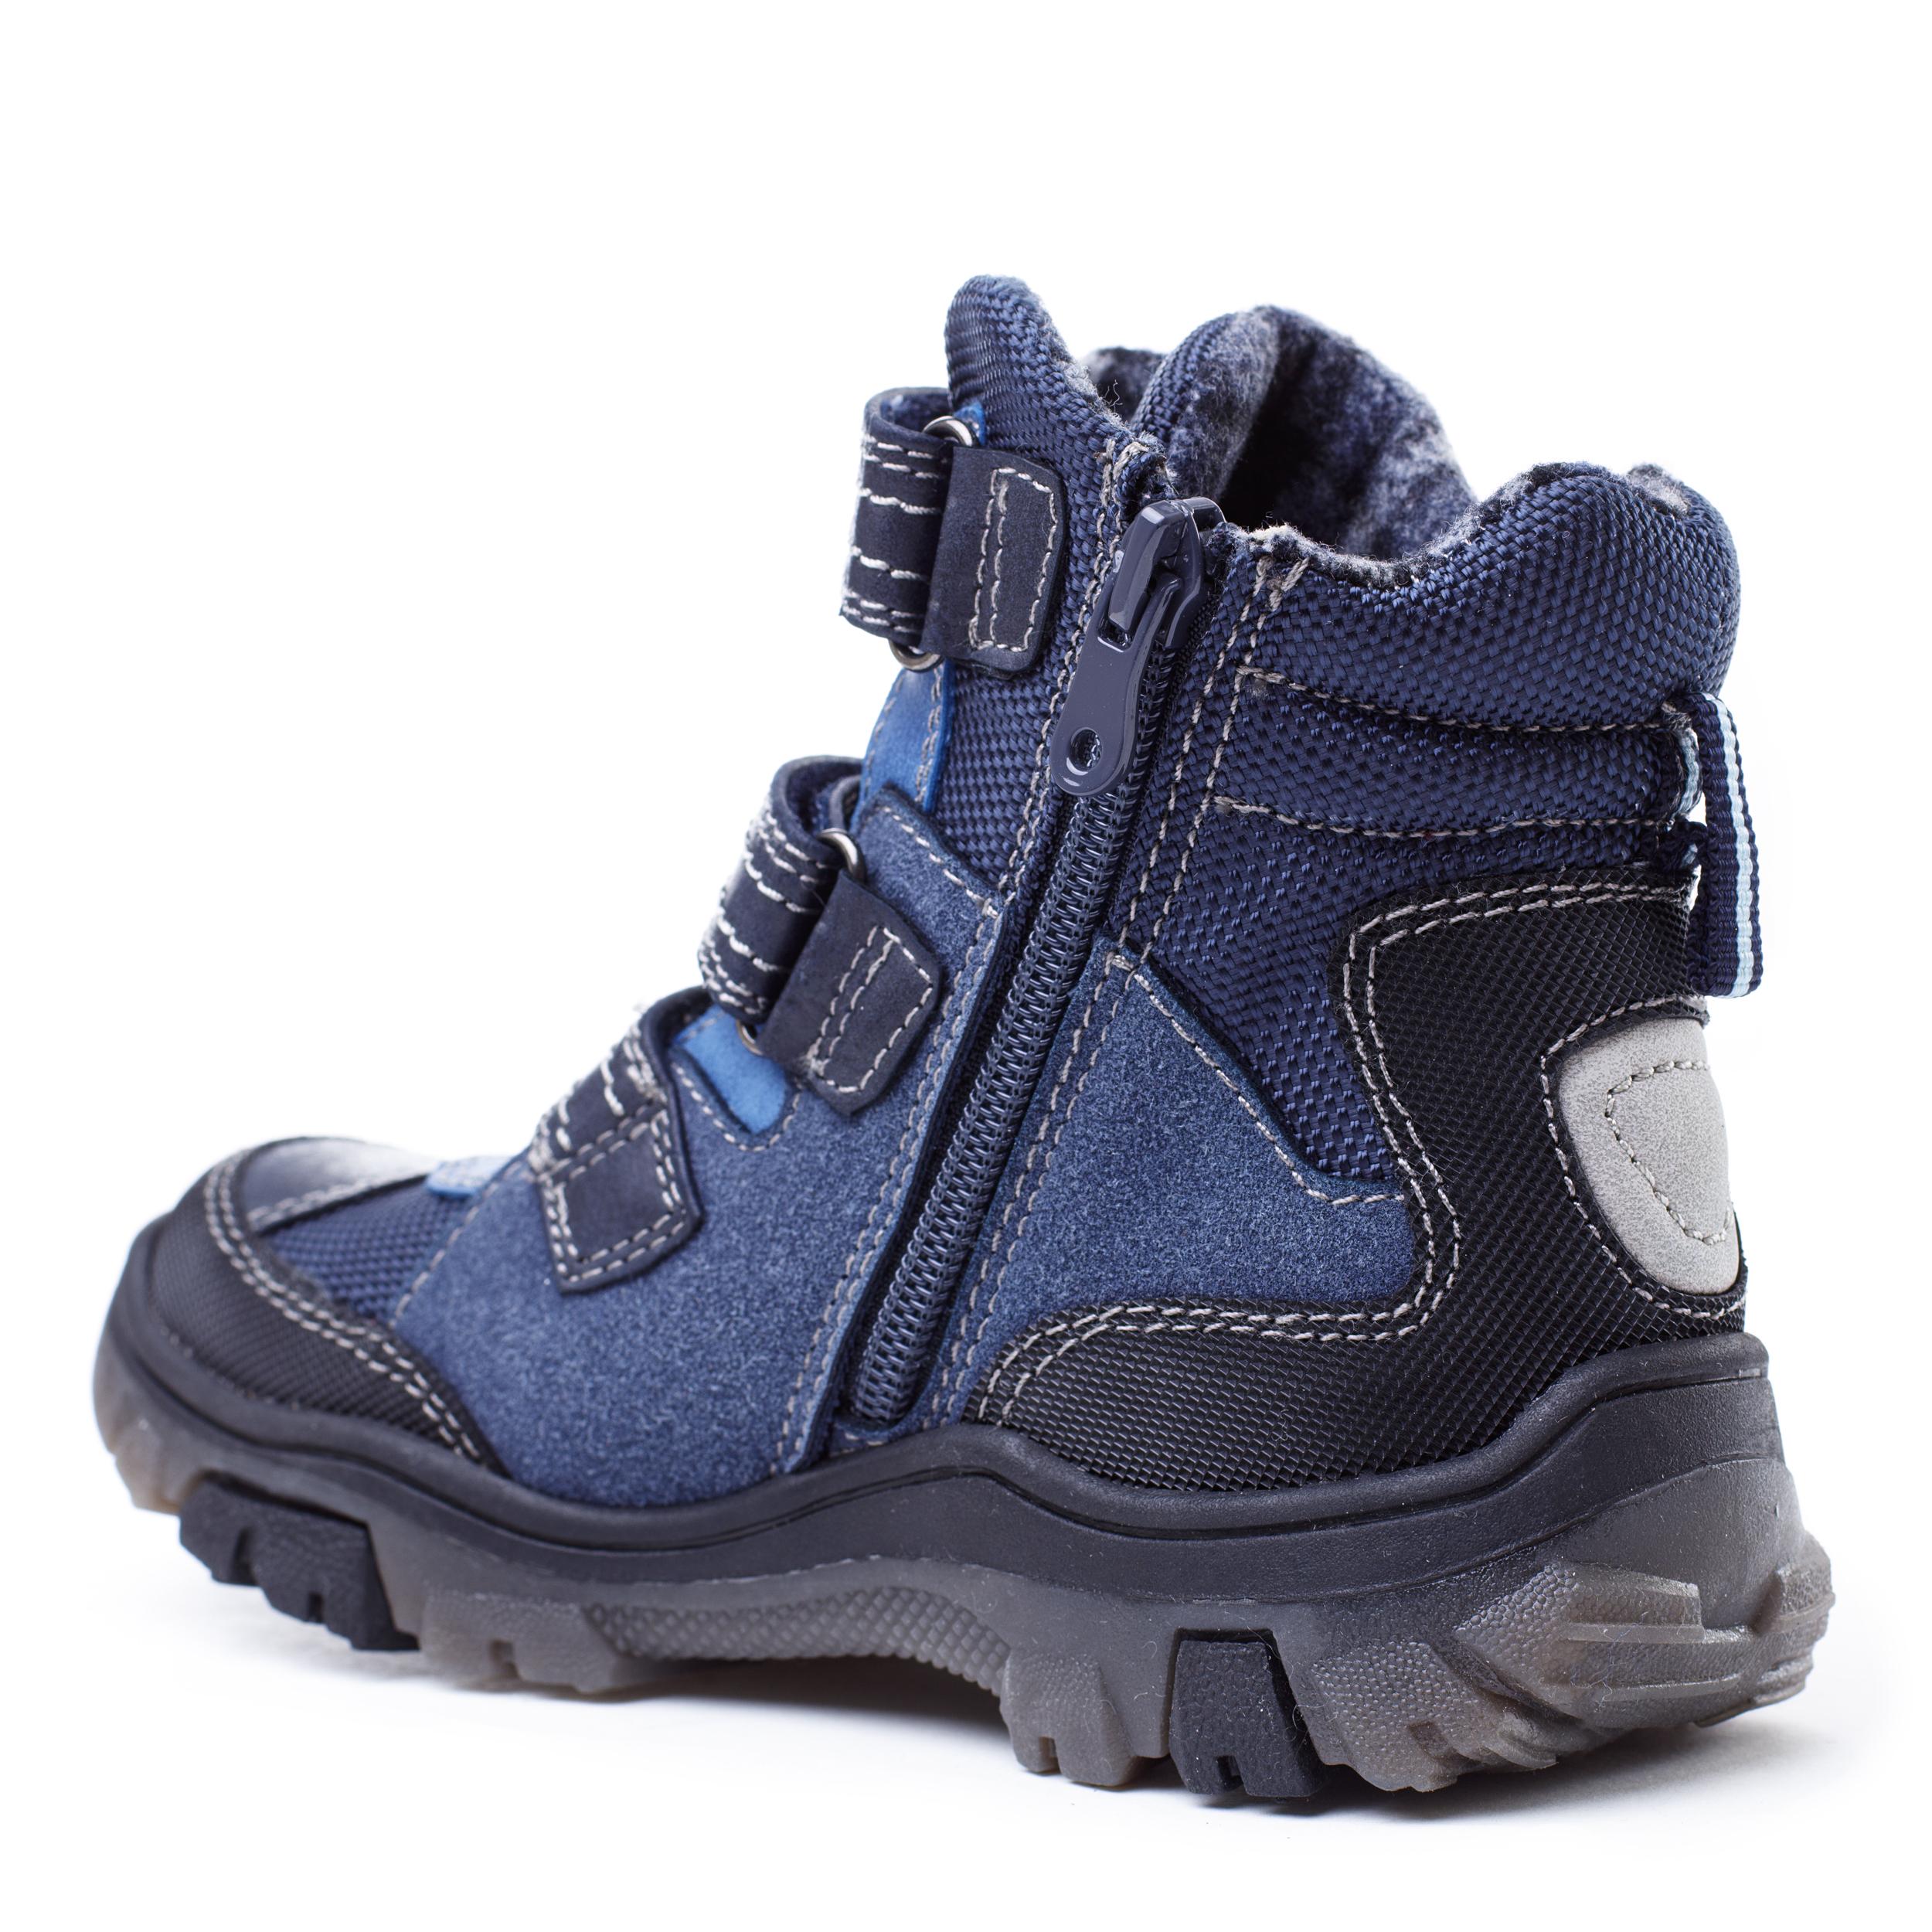 0feff03e3 381266 Темно-синие ботинки для мальчика PlayToday PlayToday - купить ...